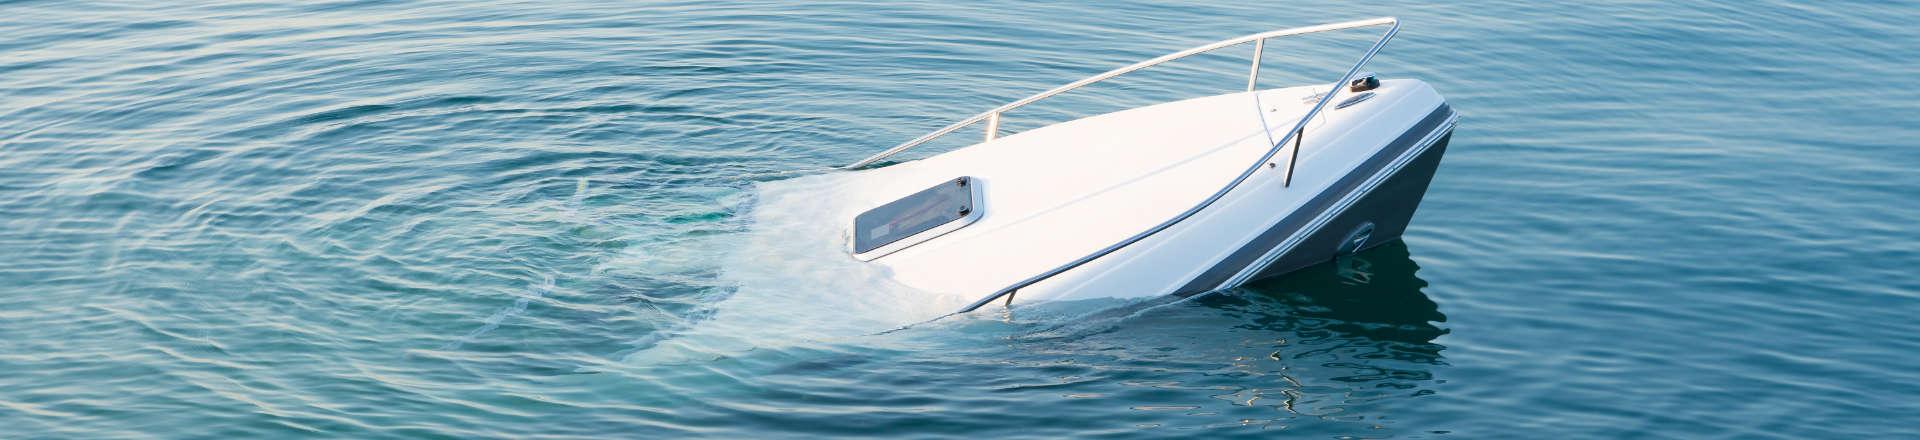 sinking boat